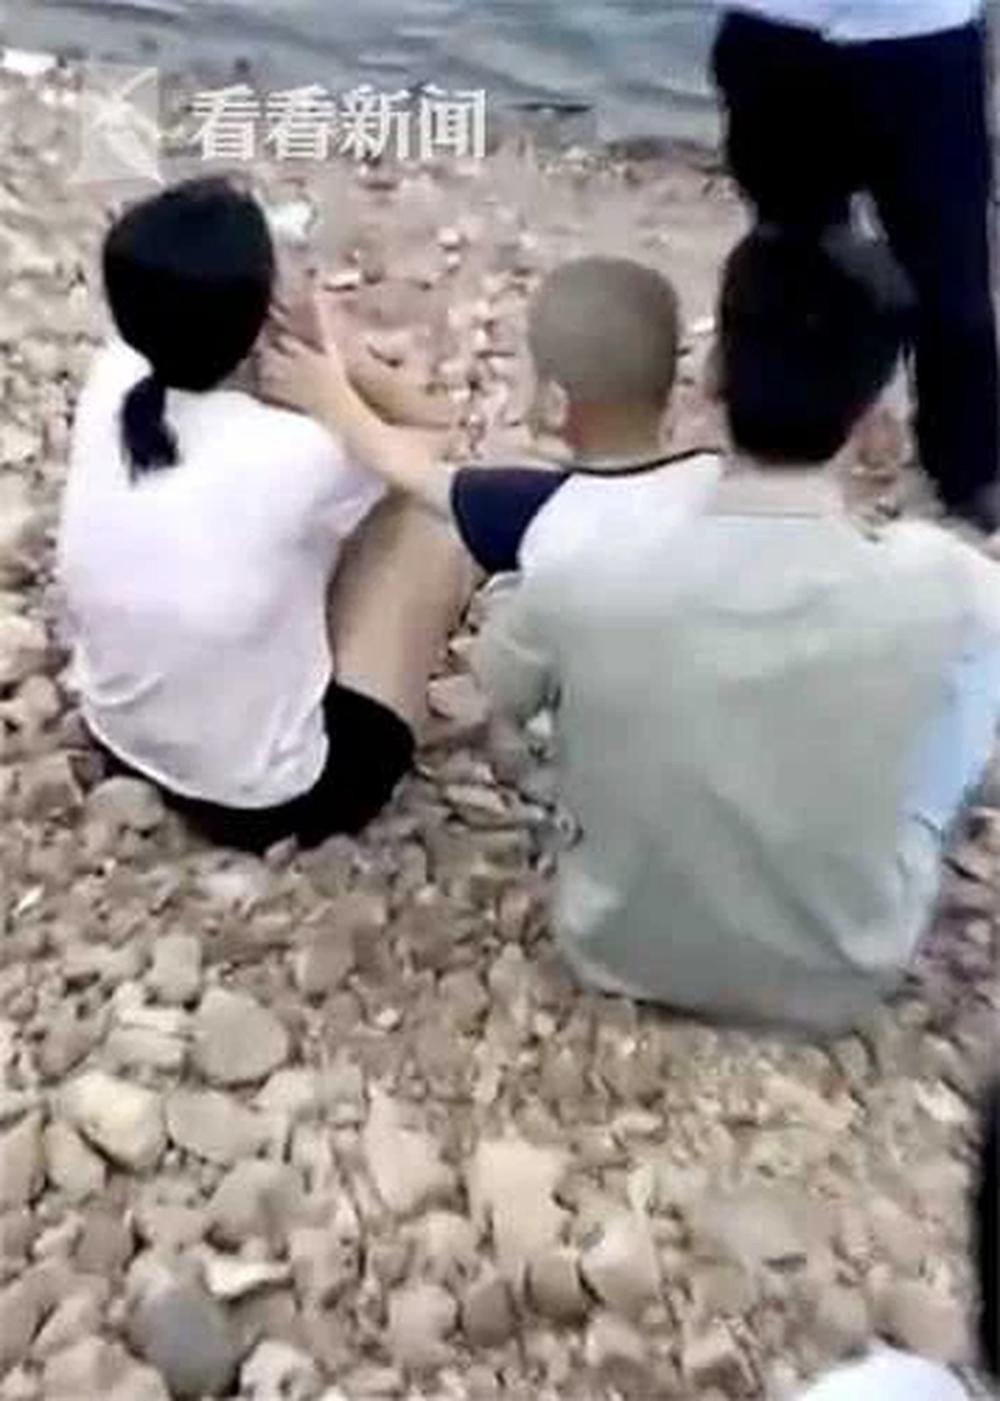 Mẹ ôm con nhảy sông tự tử nhưng được cứu kịp thời, hành động sau đó của bé trai khiến nhiều người rớt nước mắt - Ảnh 2.